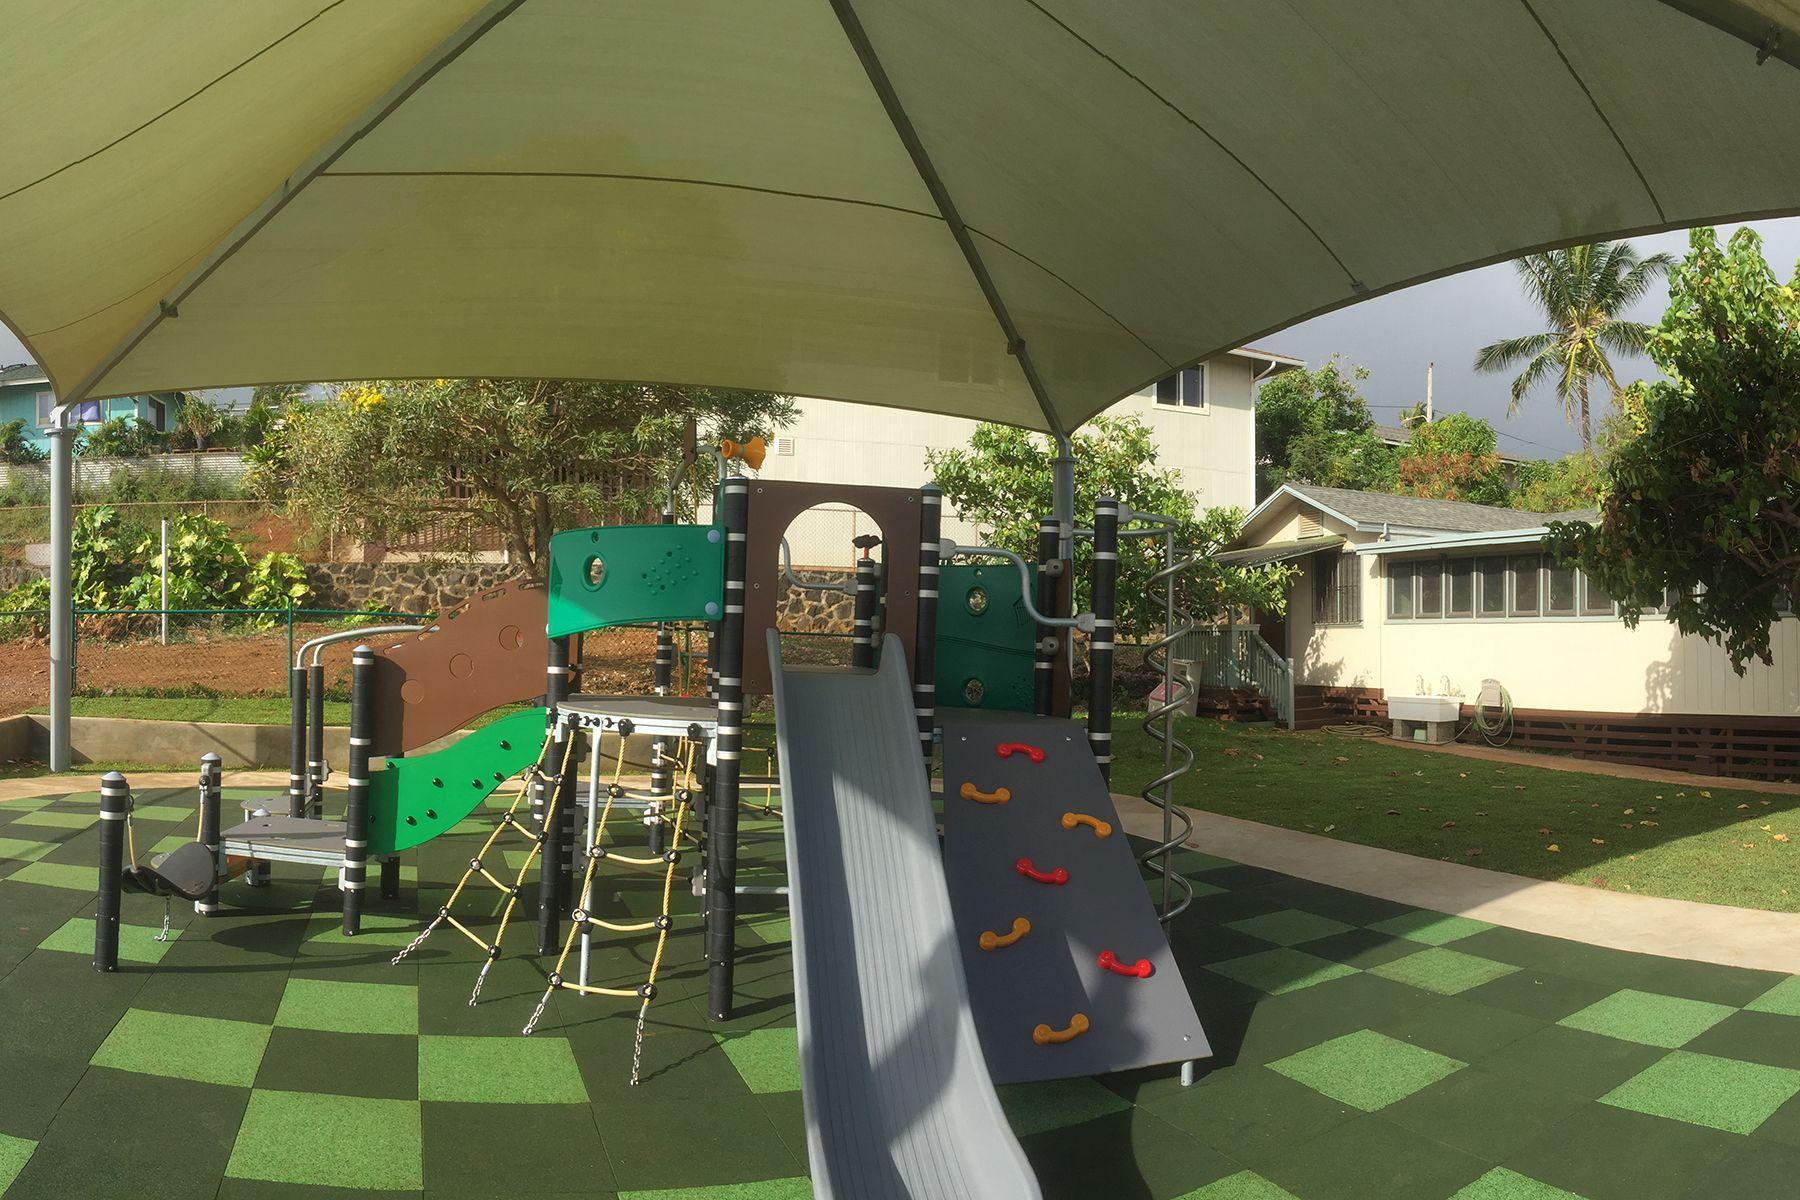 KS Preschool in Kahuku